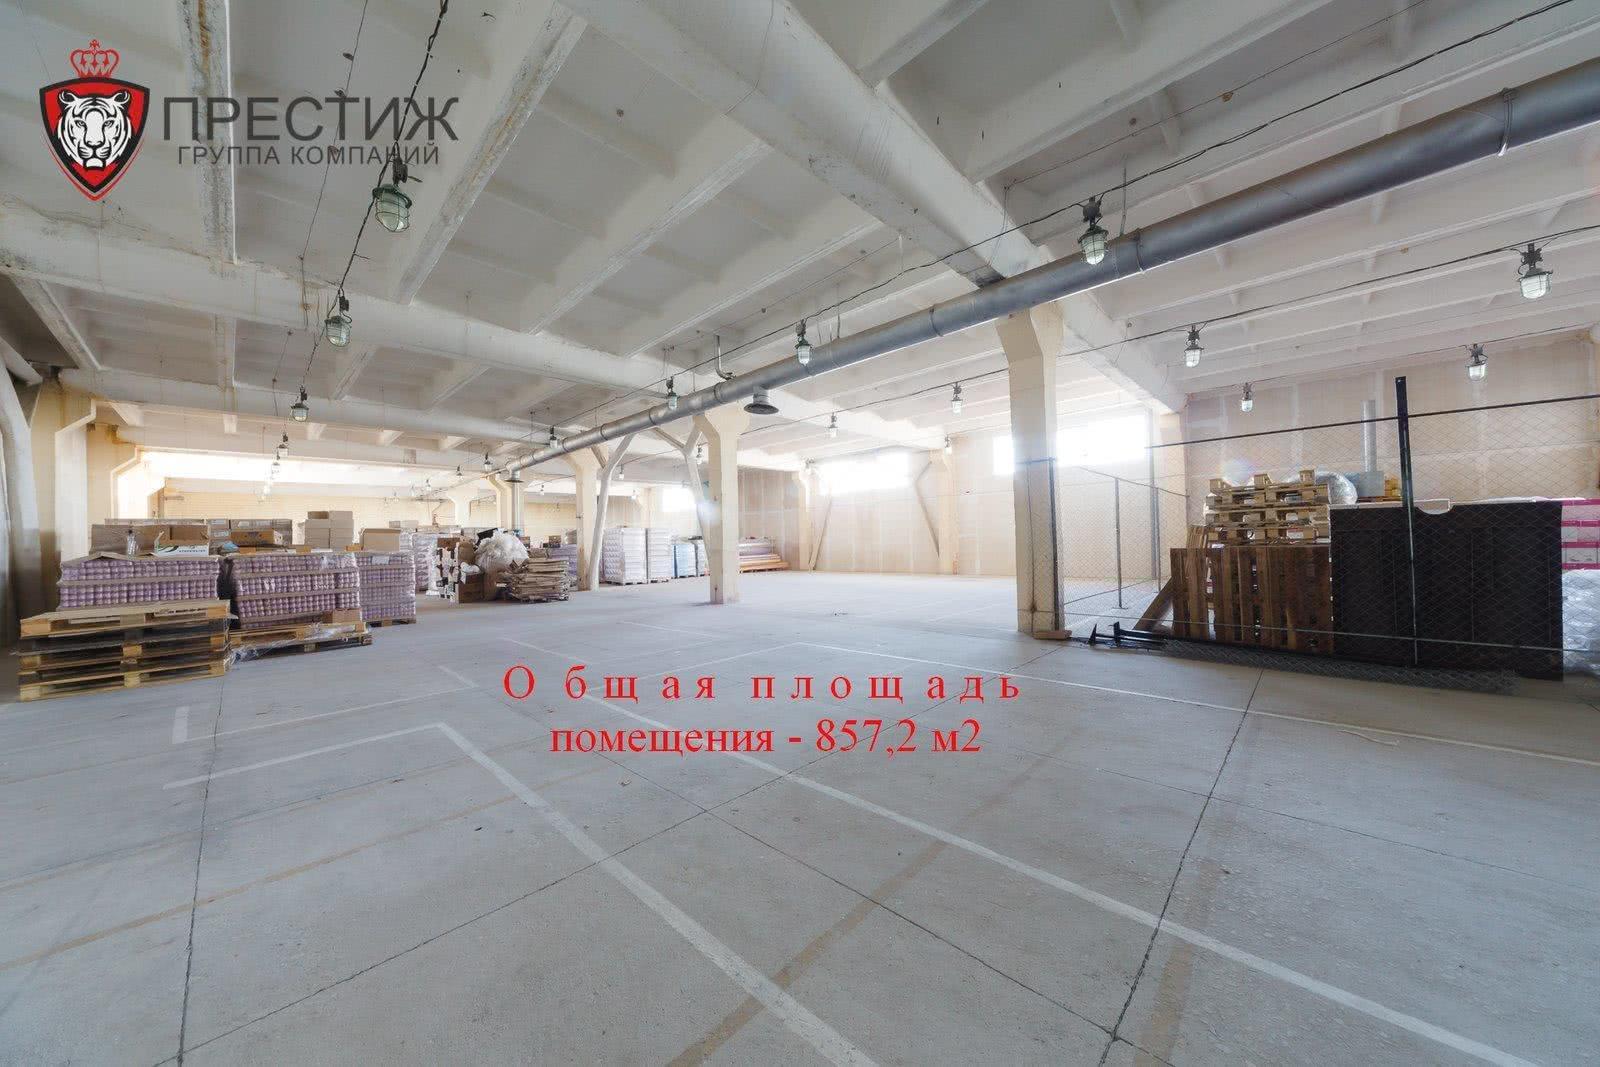 Купить складское помещение на ул. Маяковского, д. 176 в Минске - фото 3